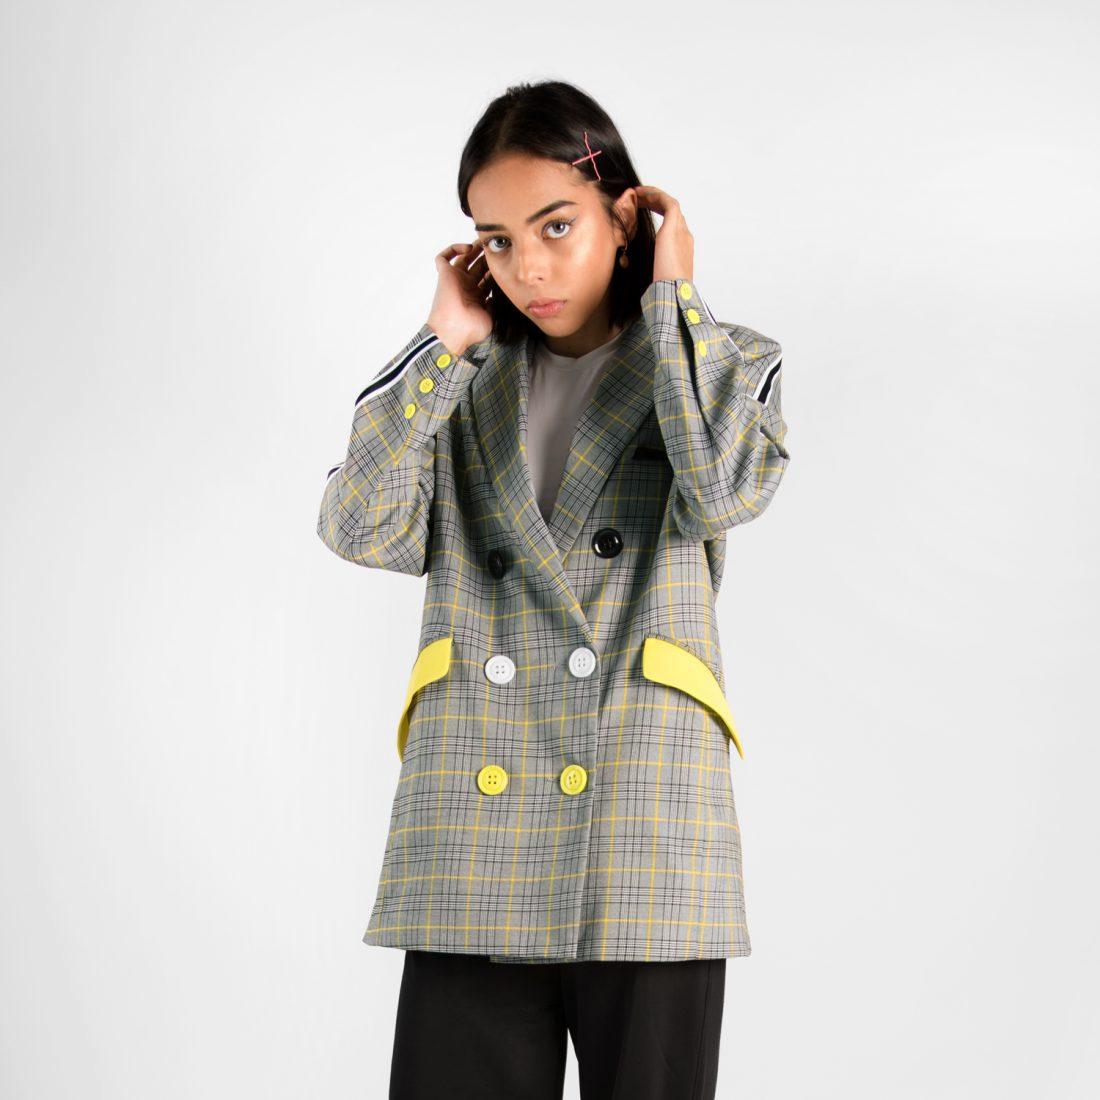 W_jacket-1100×1100.